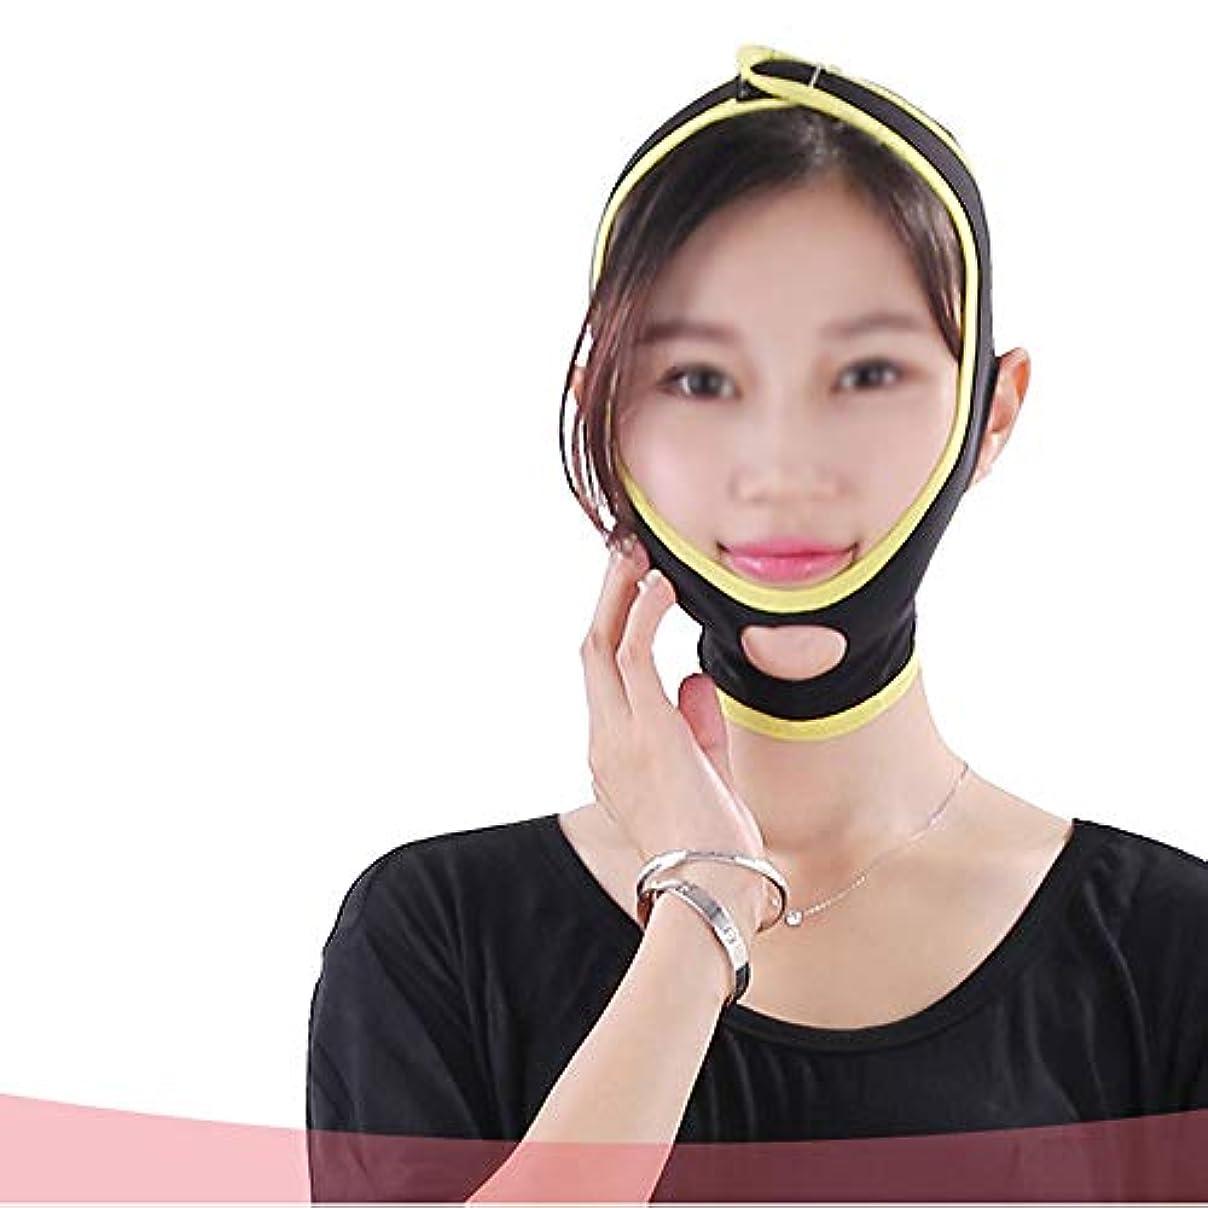 骨髄パンサー蒸気XHLMRMJ 通気性の睡眠のマスク、薄い顔の包帯の小さい表面Vの顔薄い顔の顔 (Color : M)